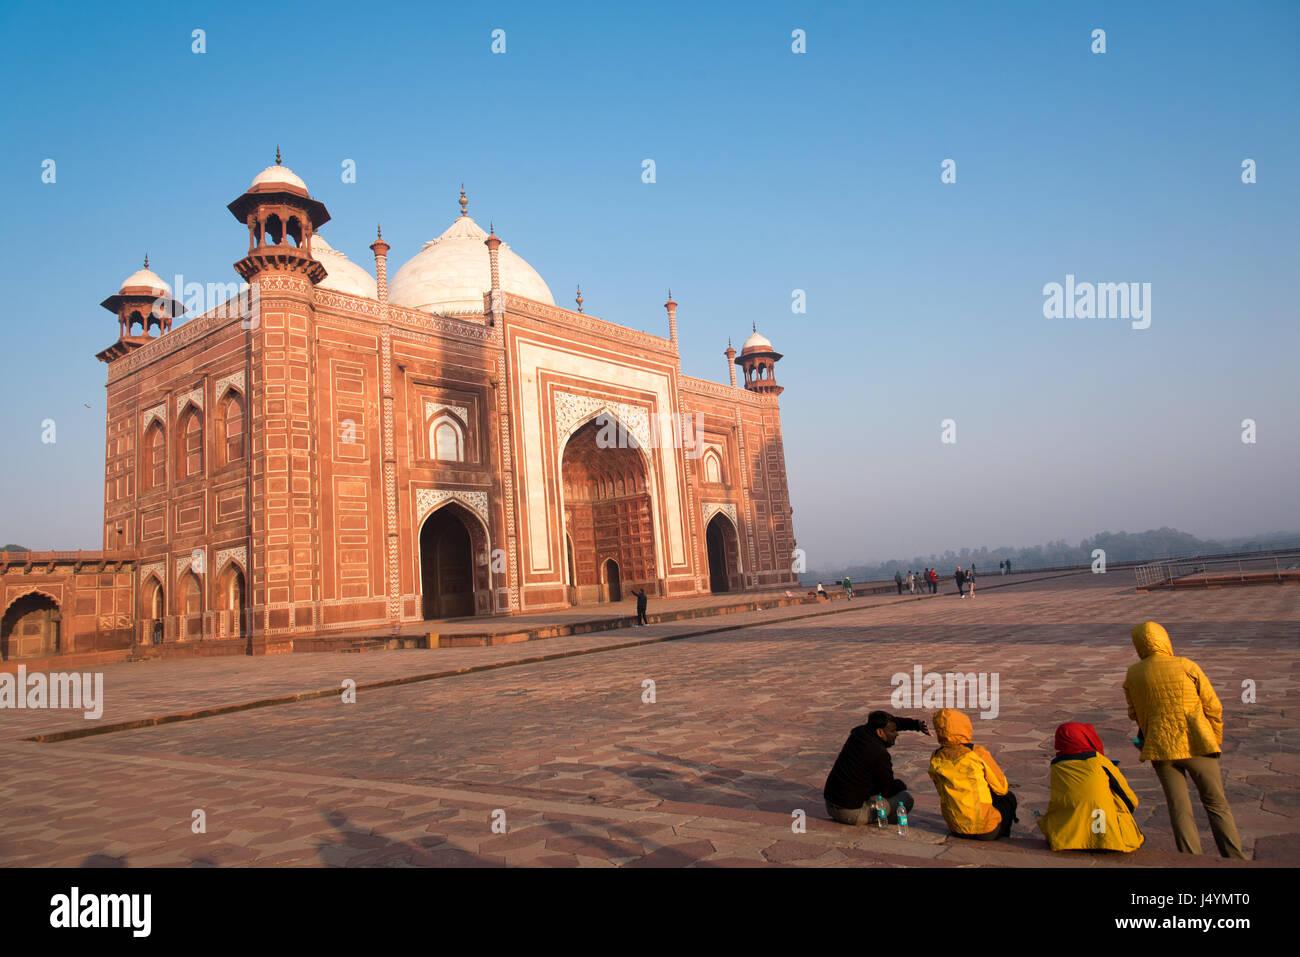 Le persone che si godono la vista del Taj Mahal moschea di Agra, India Immagini Stock